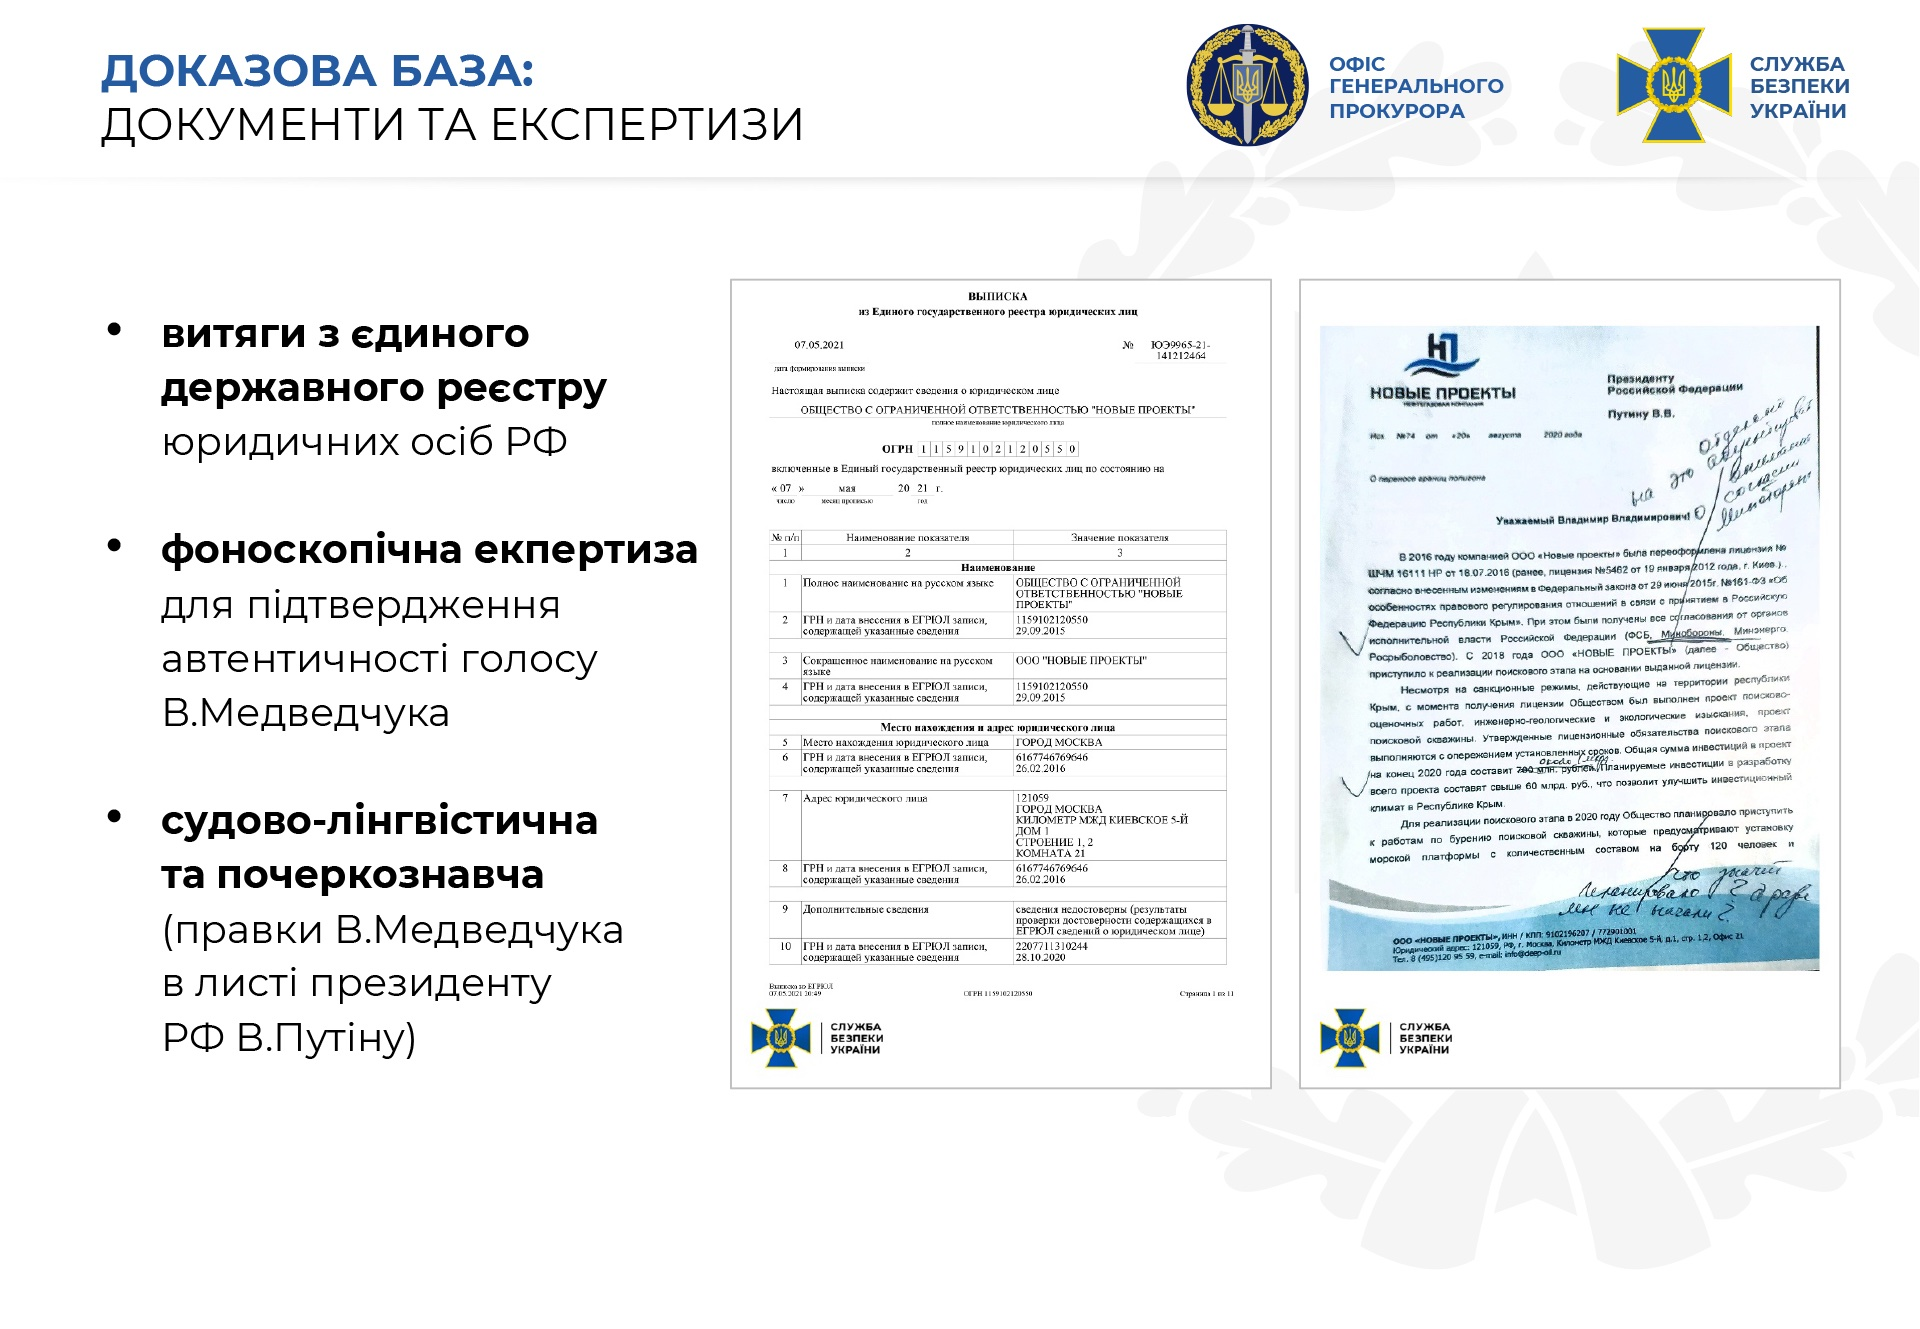 СБУ: Медведчук і Козак вступили в змову з РФ для підривної економічної діяльності